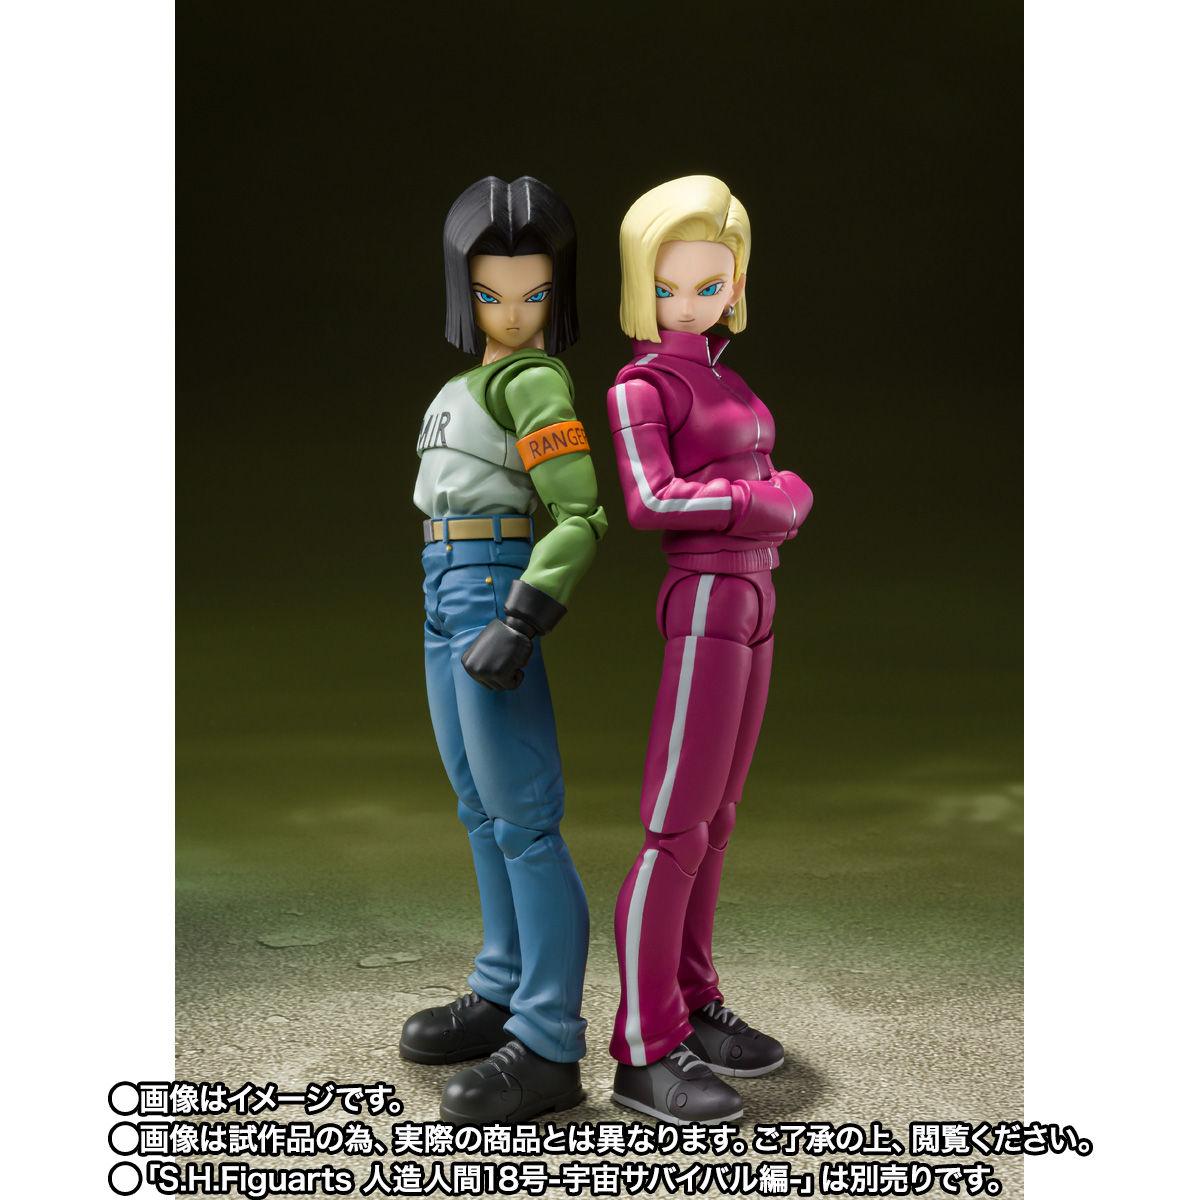 【限定販売】S.H.Figuarts『人造人間18号-宇宙サバイバル編-』ドラゴンボール超 可動フィギュア-015